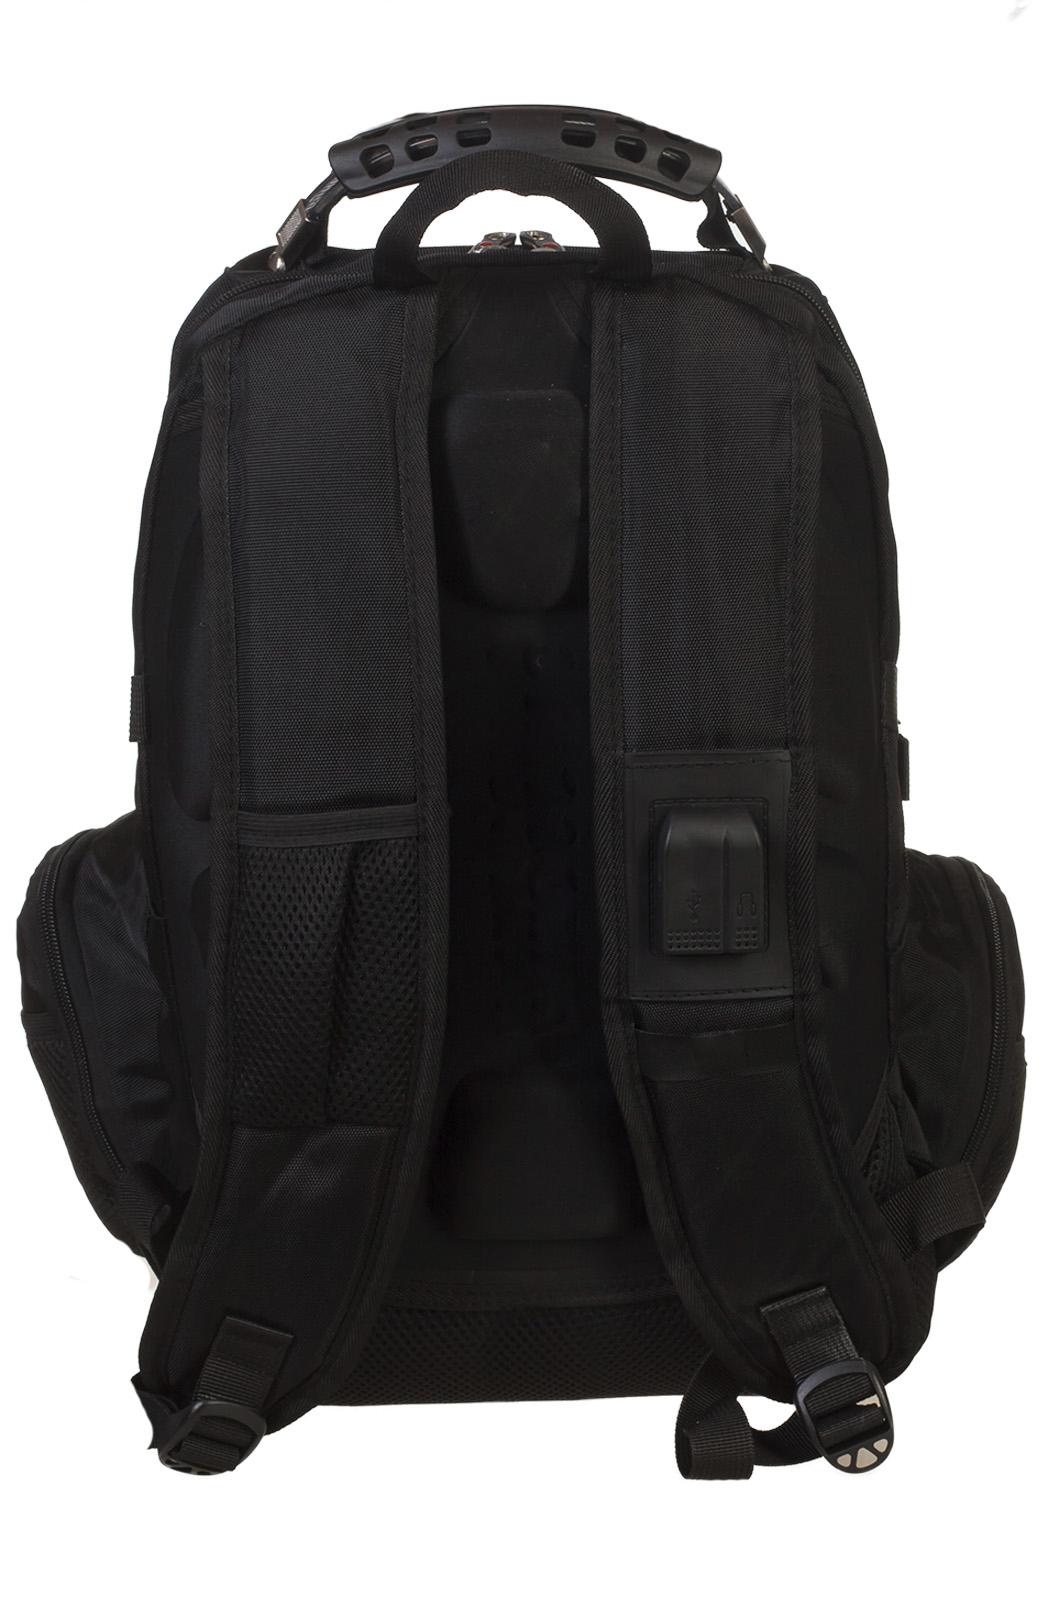 Настоящий охотничий рюкзак с нашивкой Охотничьи Войска - купить в подарок